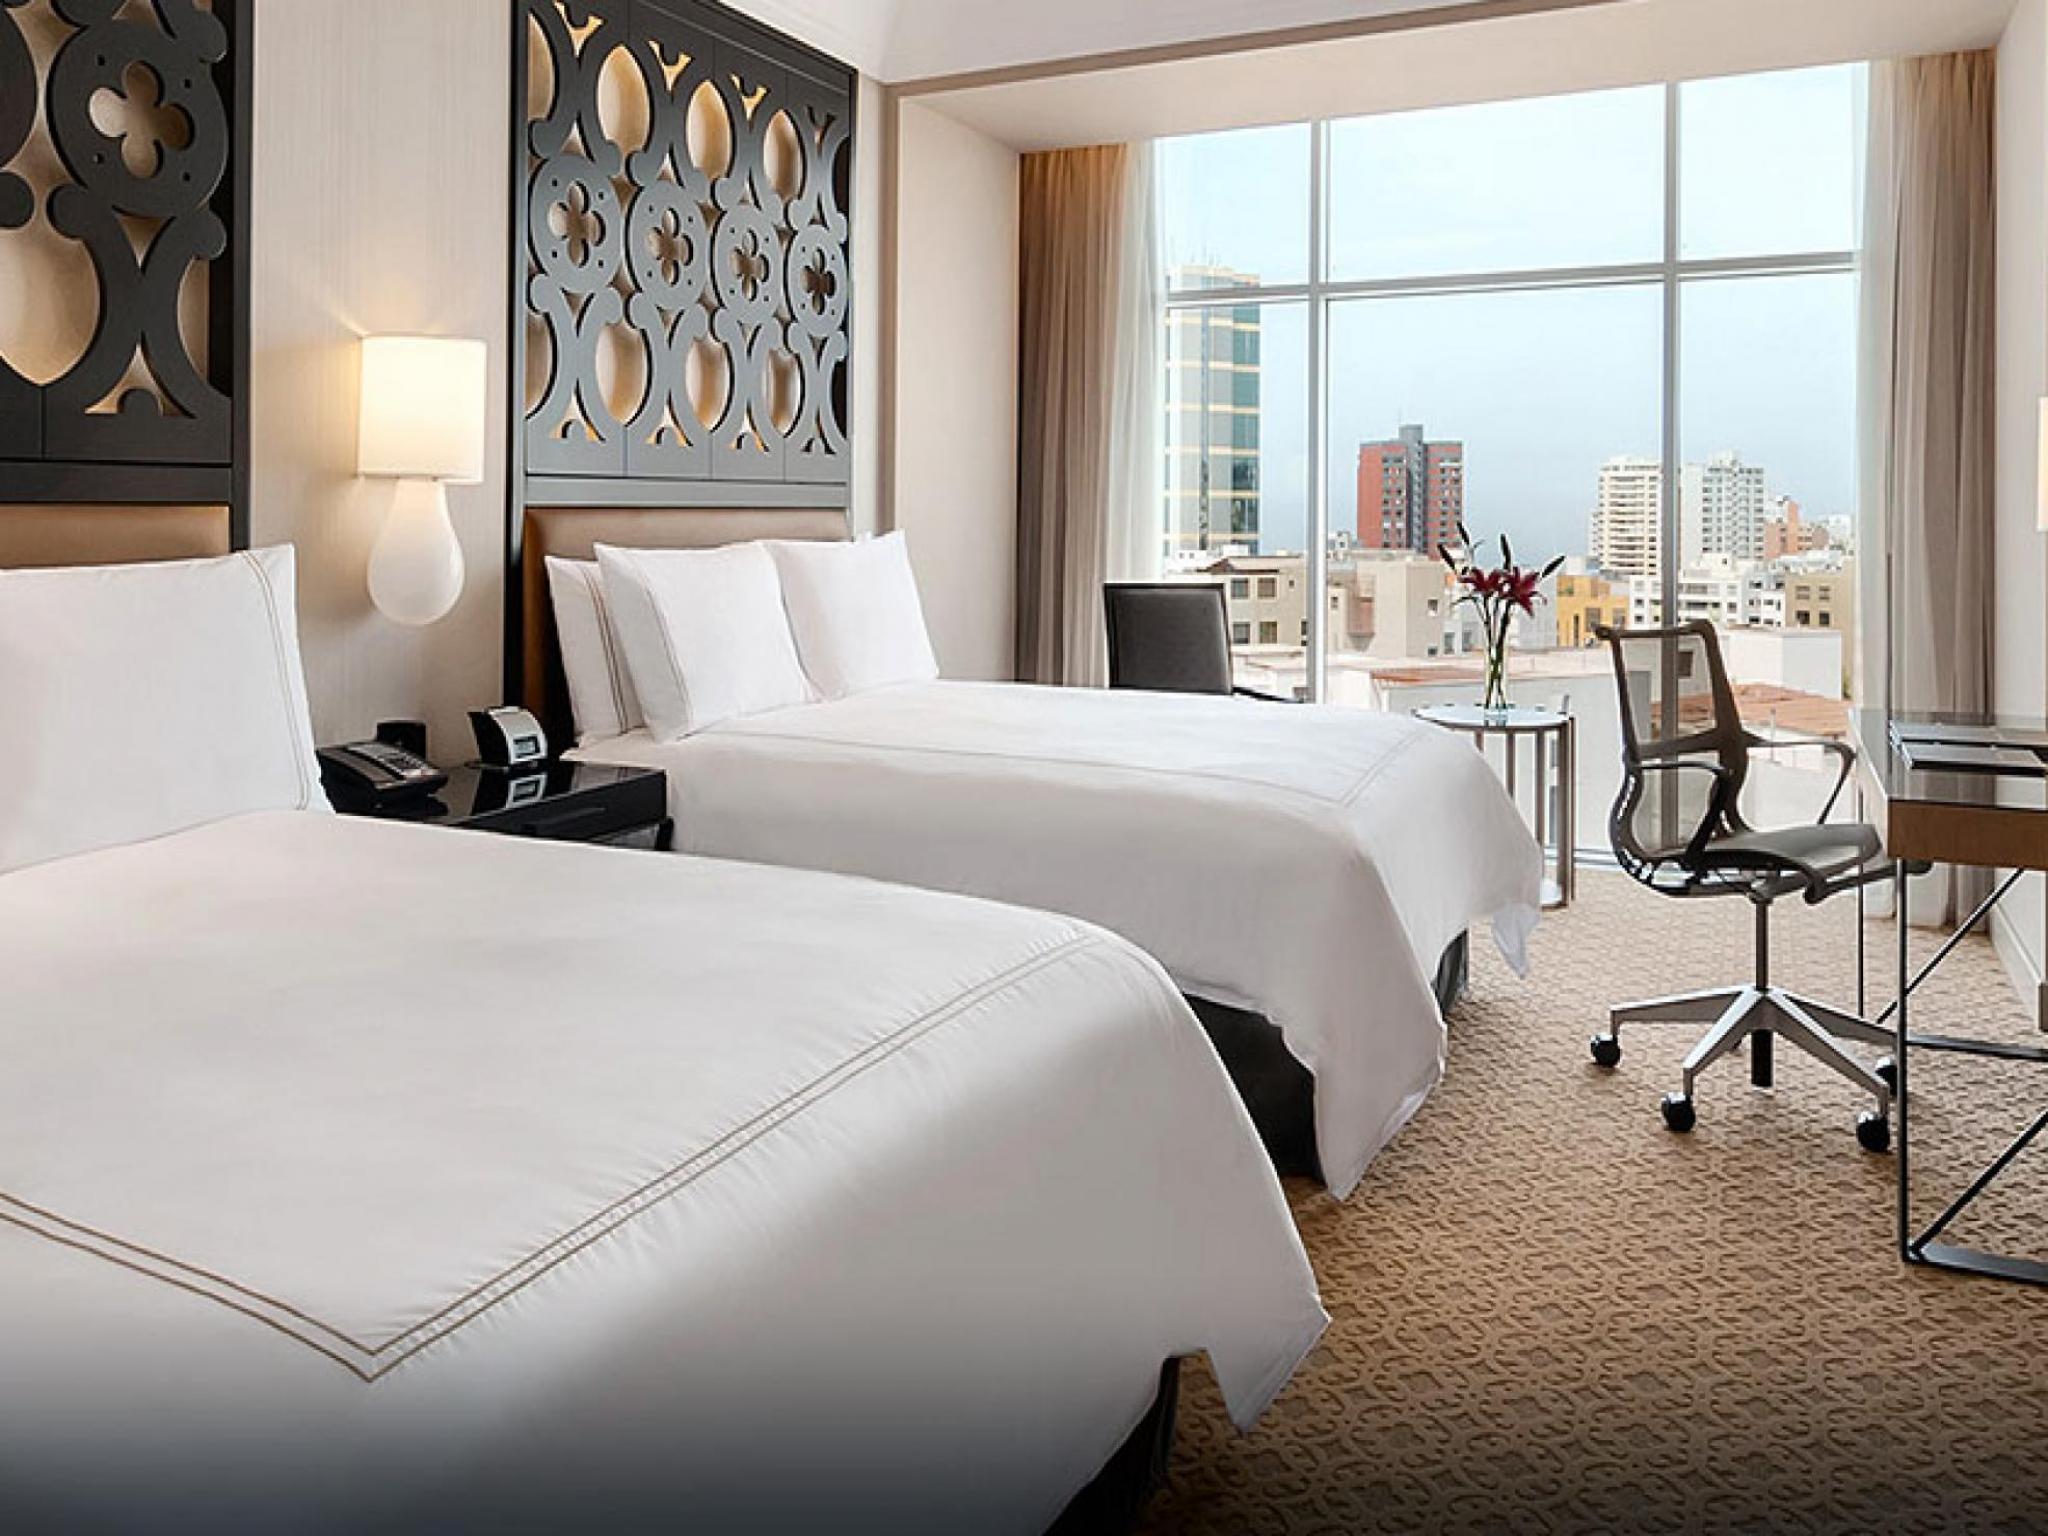 Hotel en lima per hilton lima miraflores hilton lac Hoteles con habitaciones en el agua